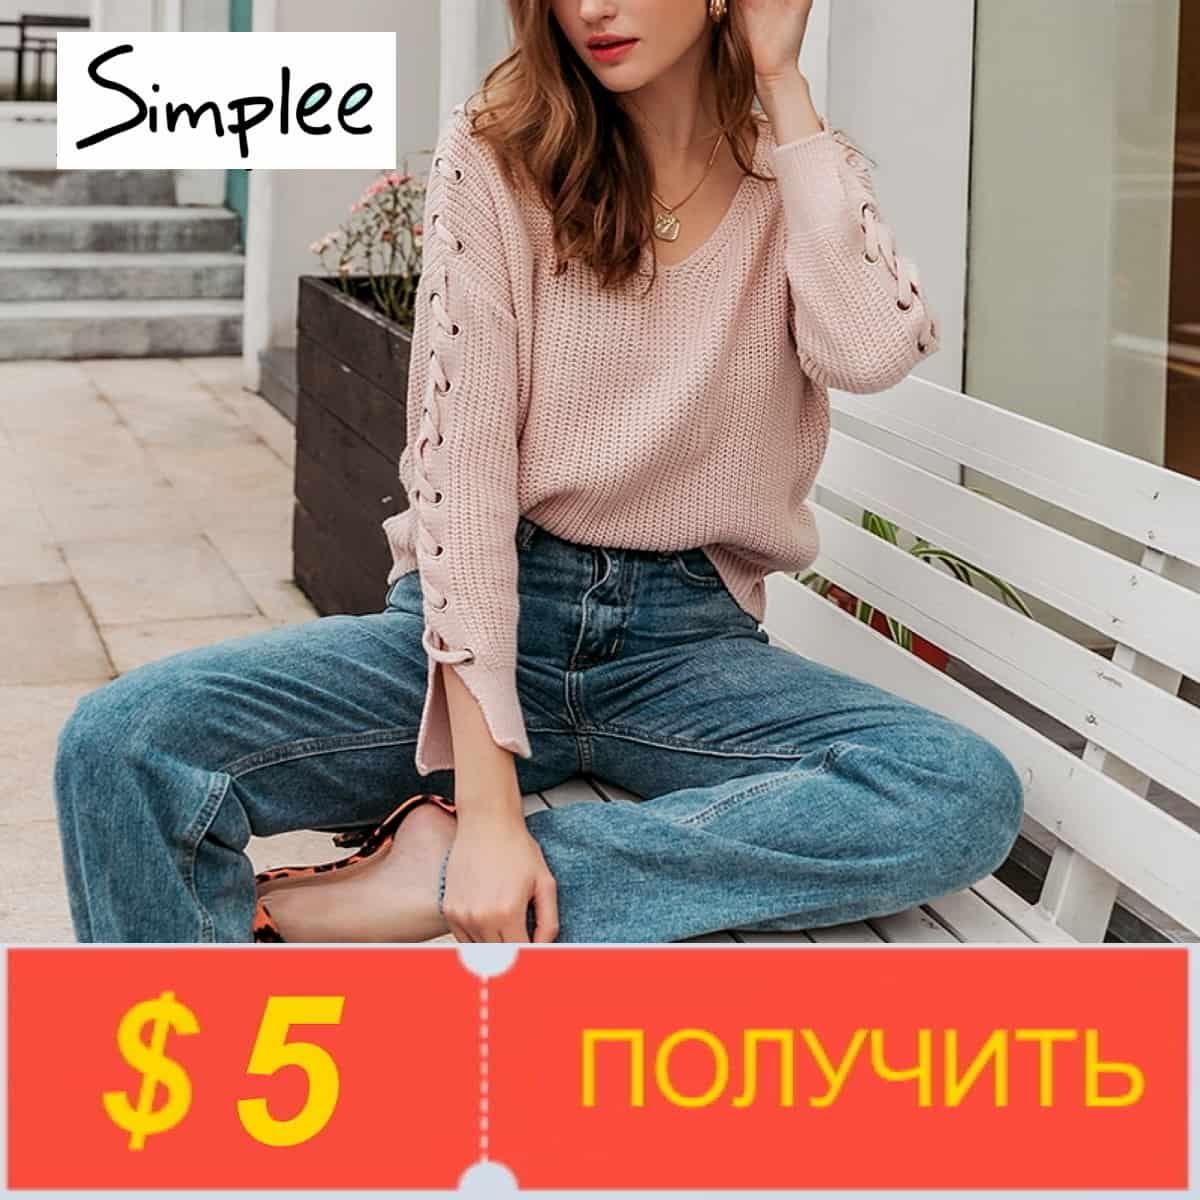 Получите купоны от Simplee Apparel Official Store на Алиэкспресс